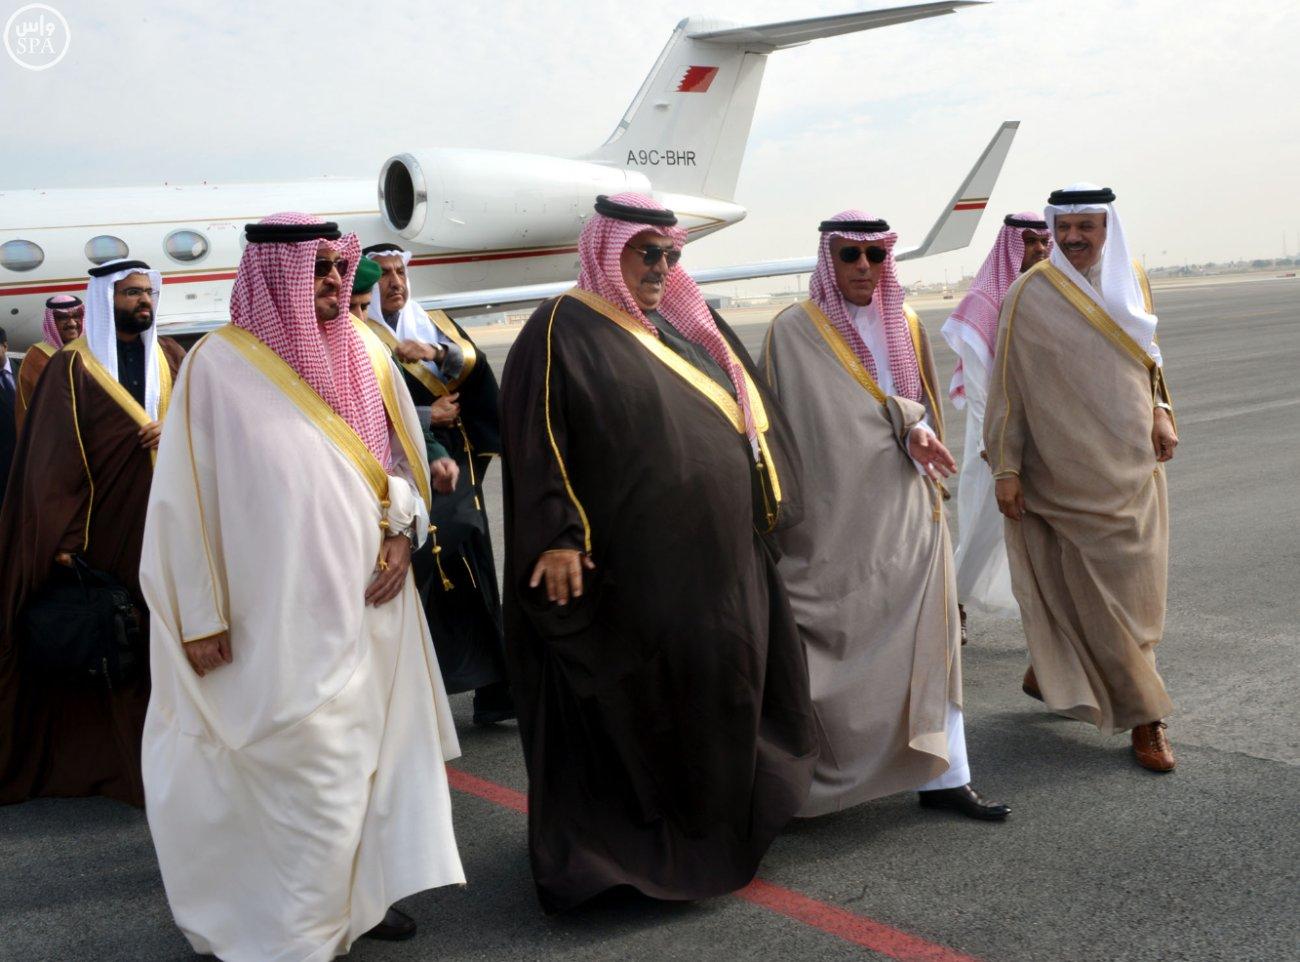 وزراء خارجية دول مجلس التعاون الخليجي يعقدون اجتماعاً مشتركاً مع وزير الخارجية الأمريكي2